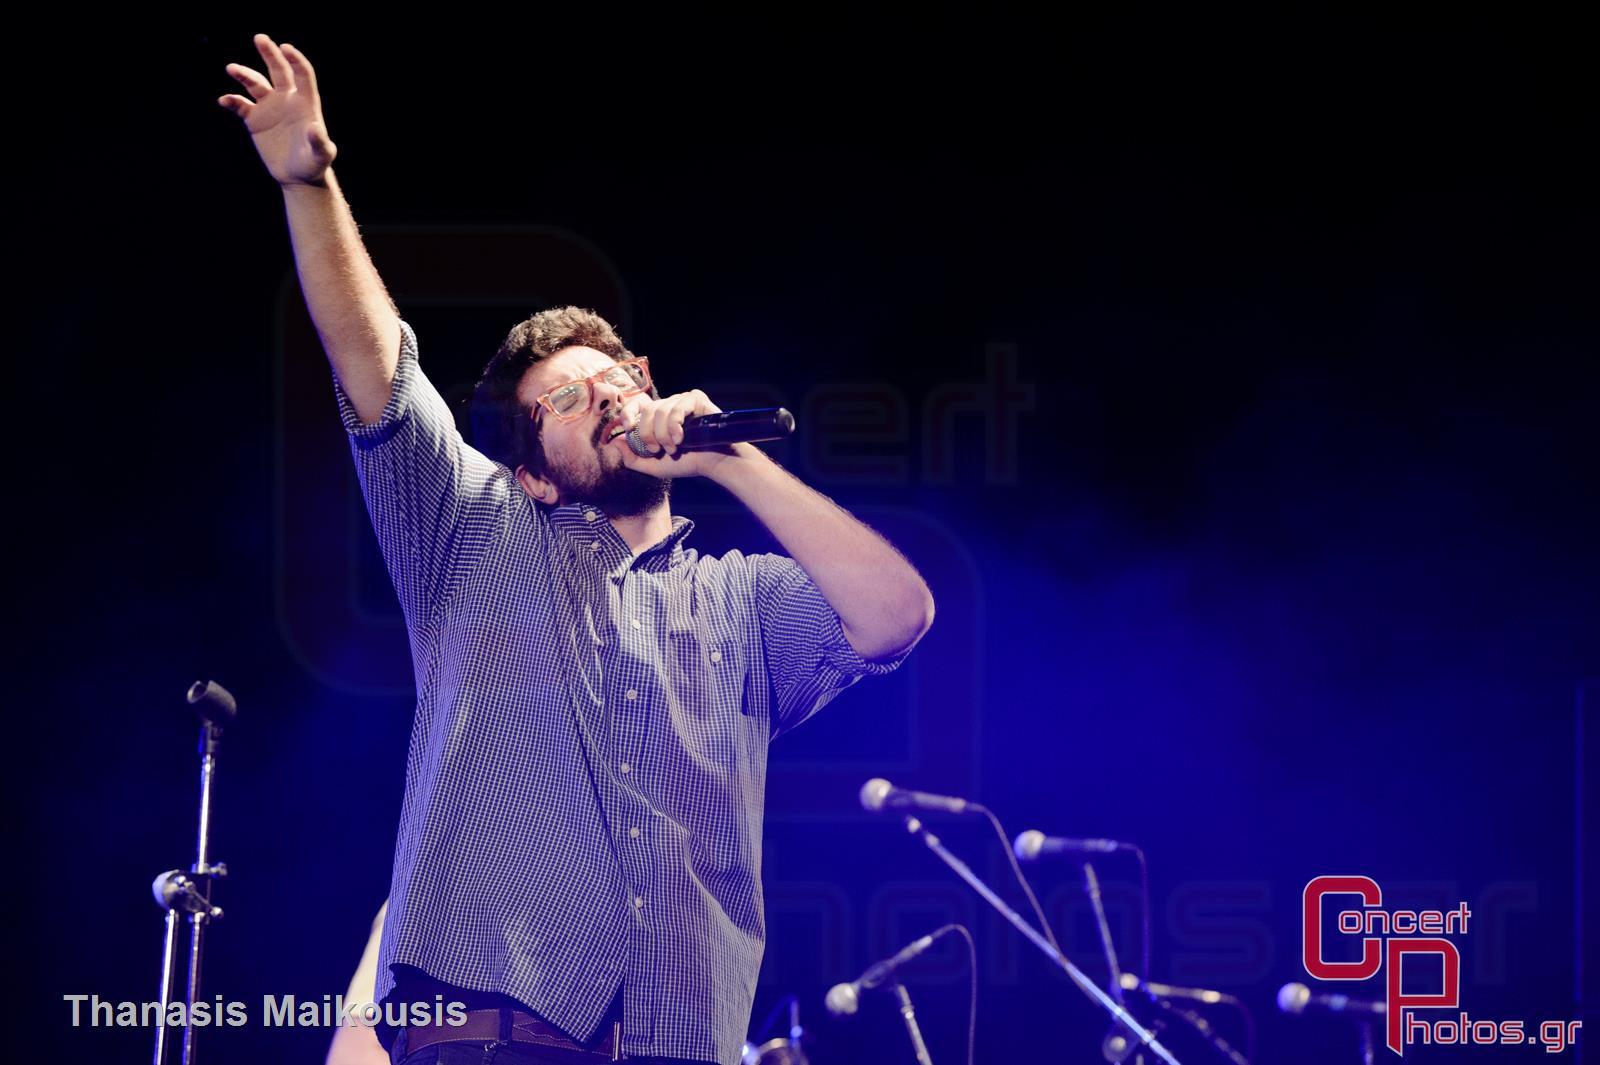 Locomondo-Locomondo 2013 Bolivar photographer: Thanasis Maikousis - concertphotos_-6122